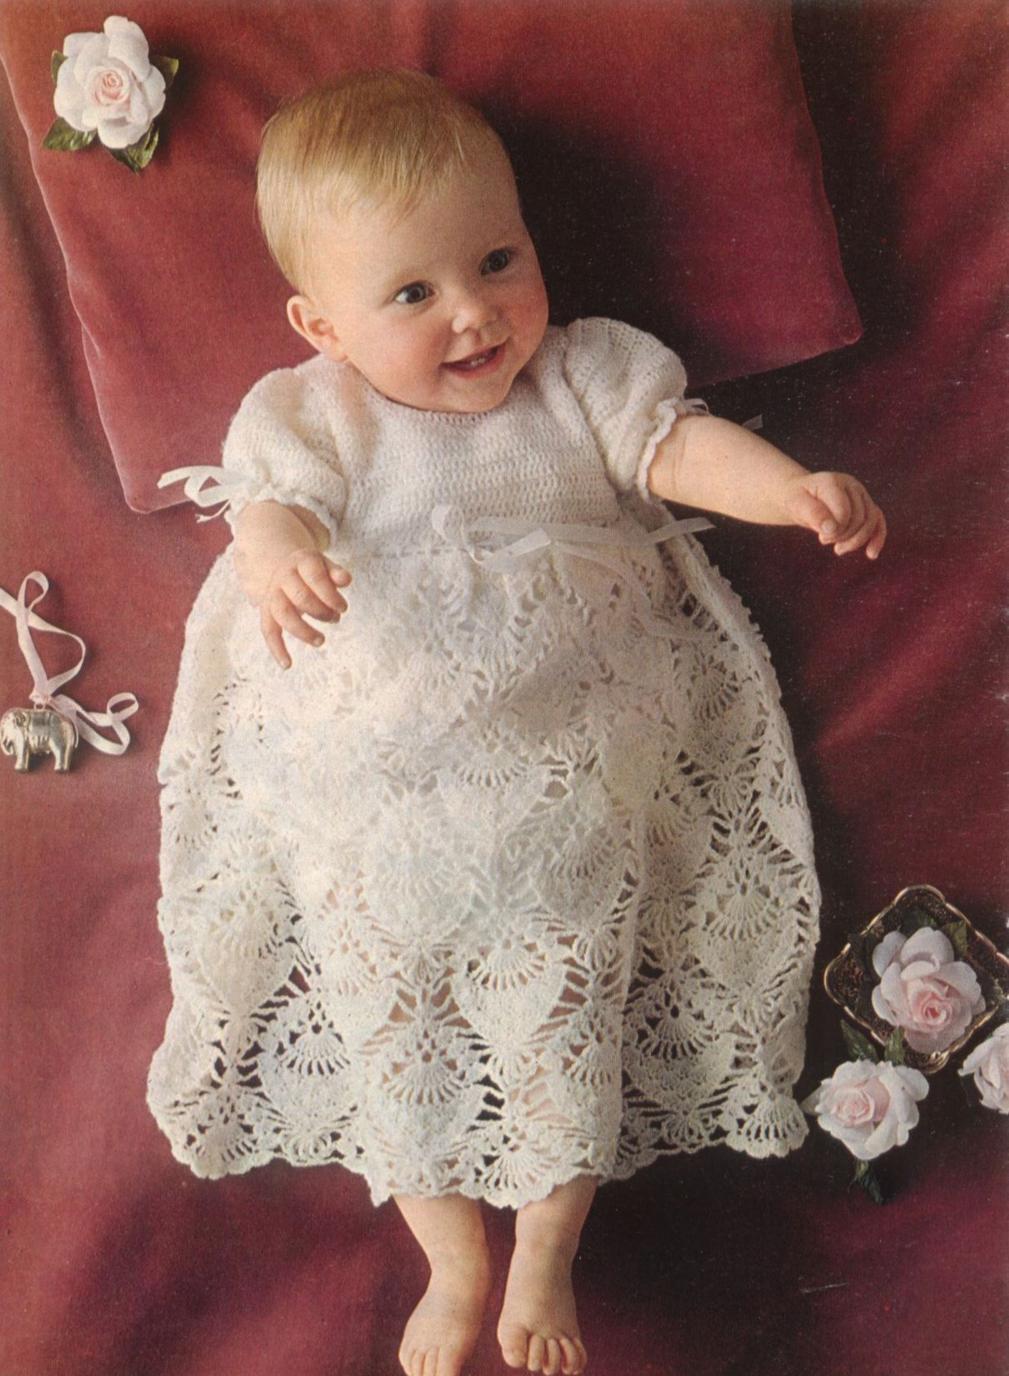 pineapple lace crochet christening gown pattern  u22c6 crochet